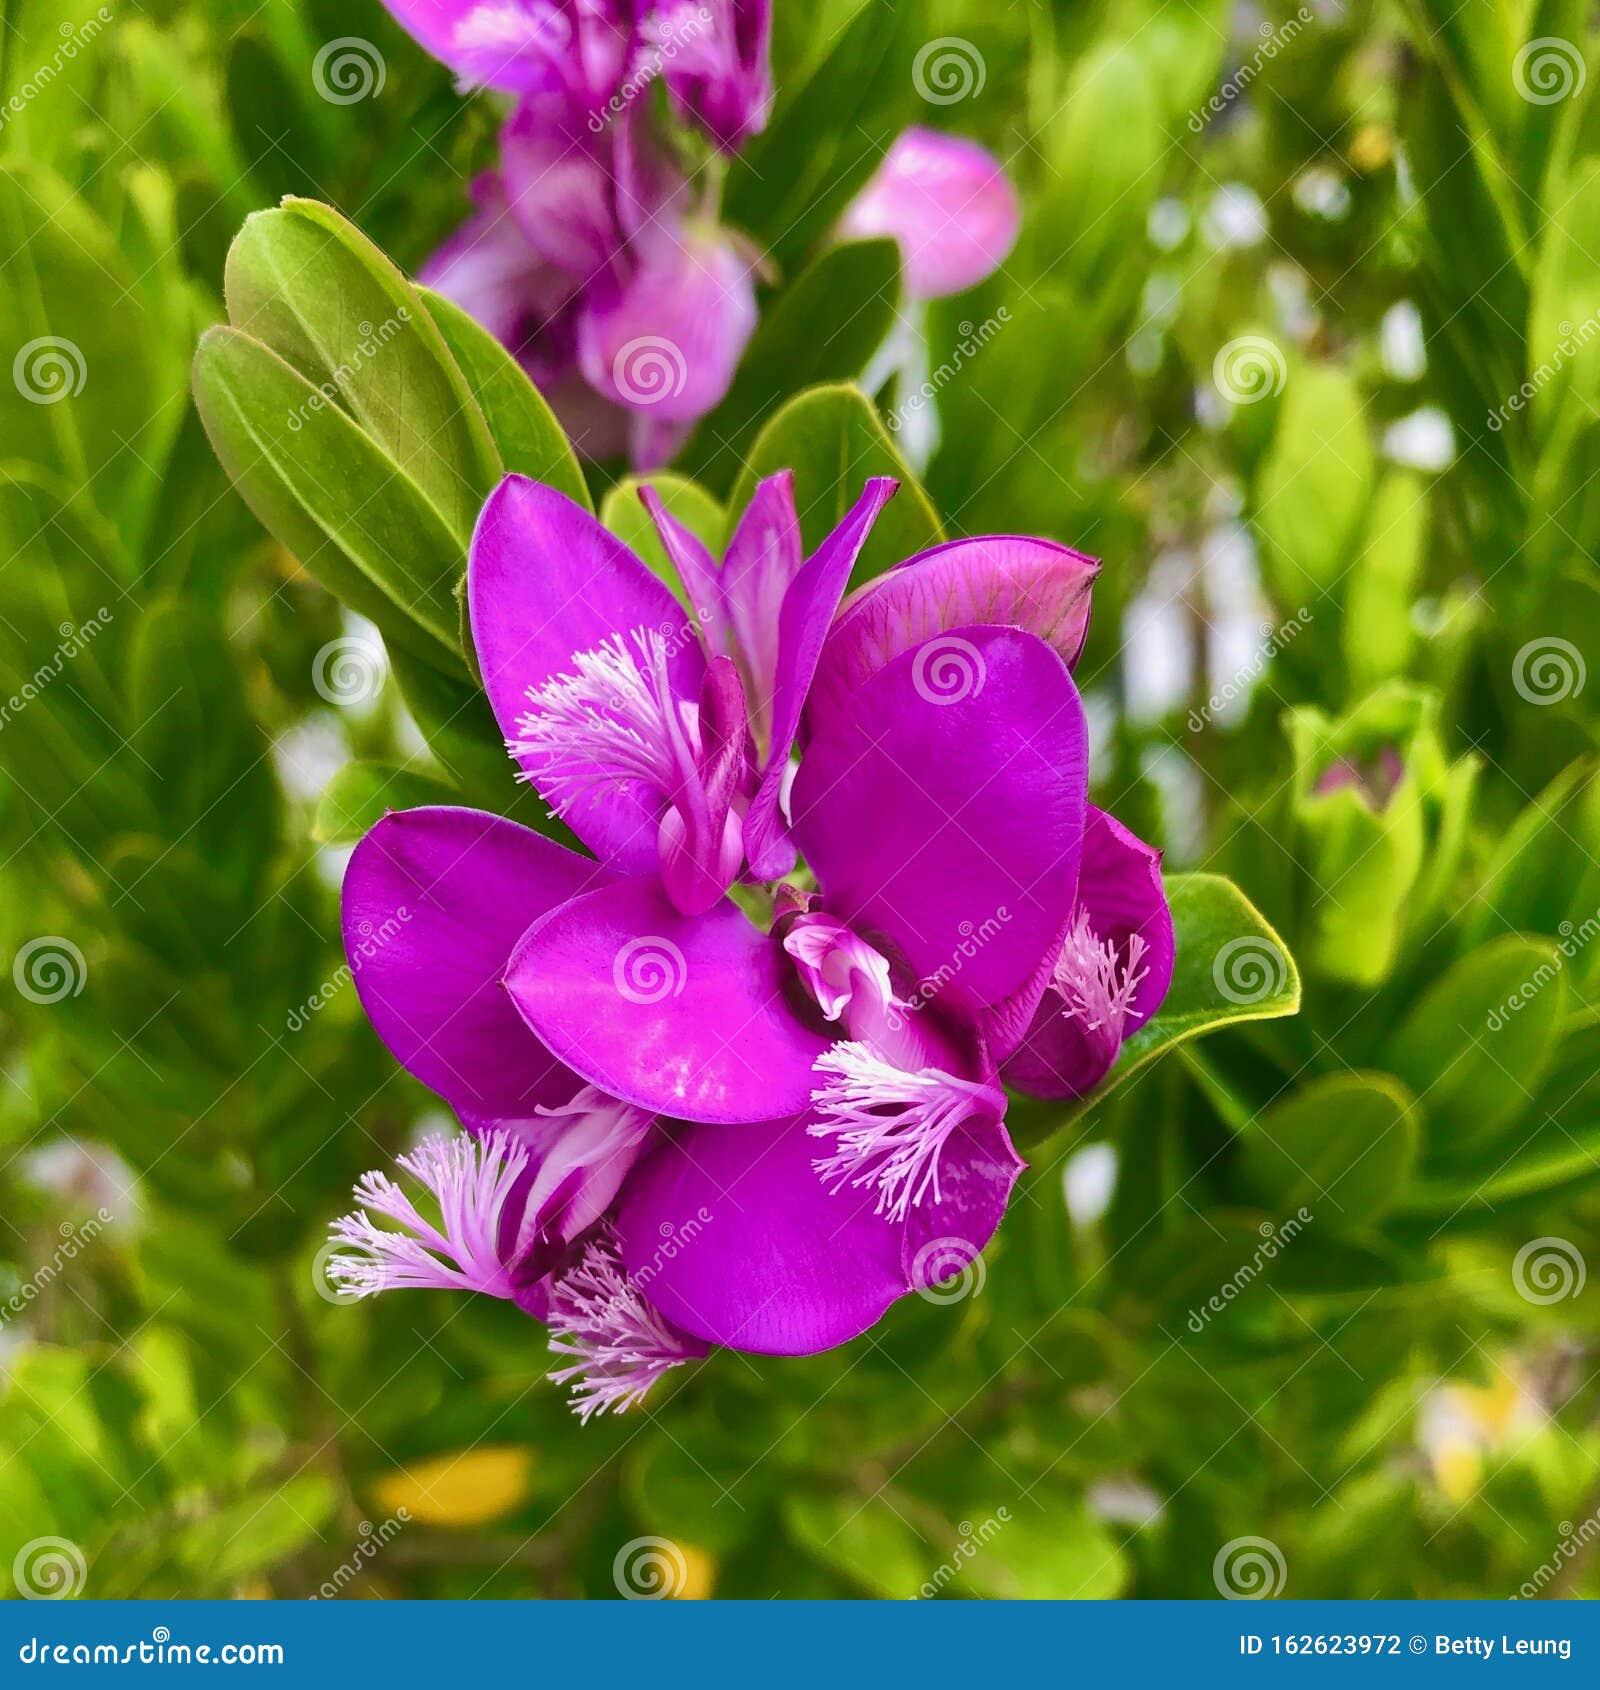 Piekne Rozowe Kwiaty Kwitna W Kalifornii Latem Zdjecie Stock Obraz Zlozonej Z Kwiat Natura 162623972